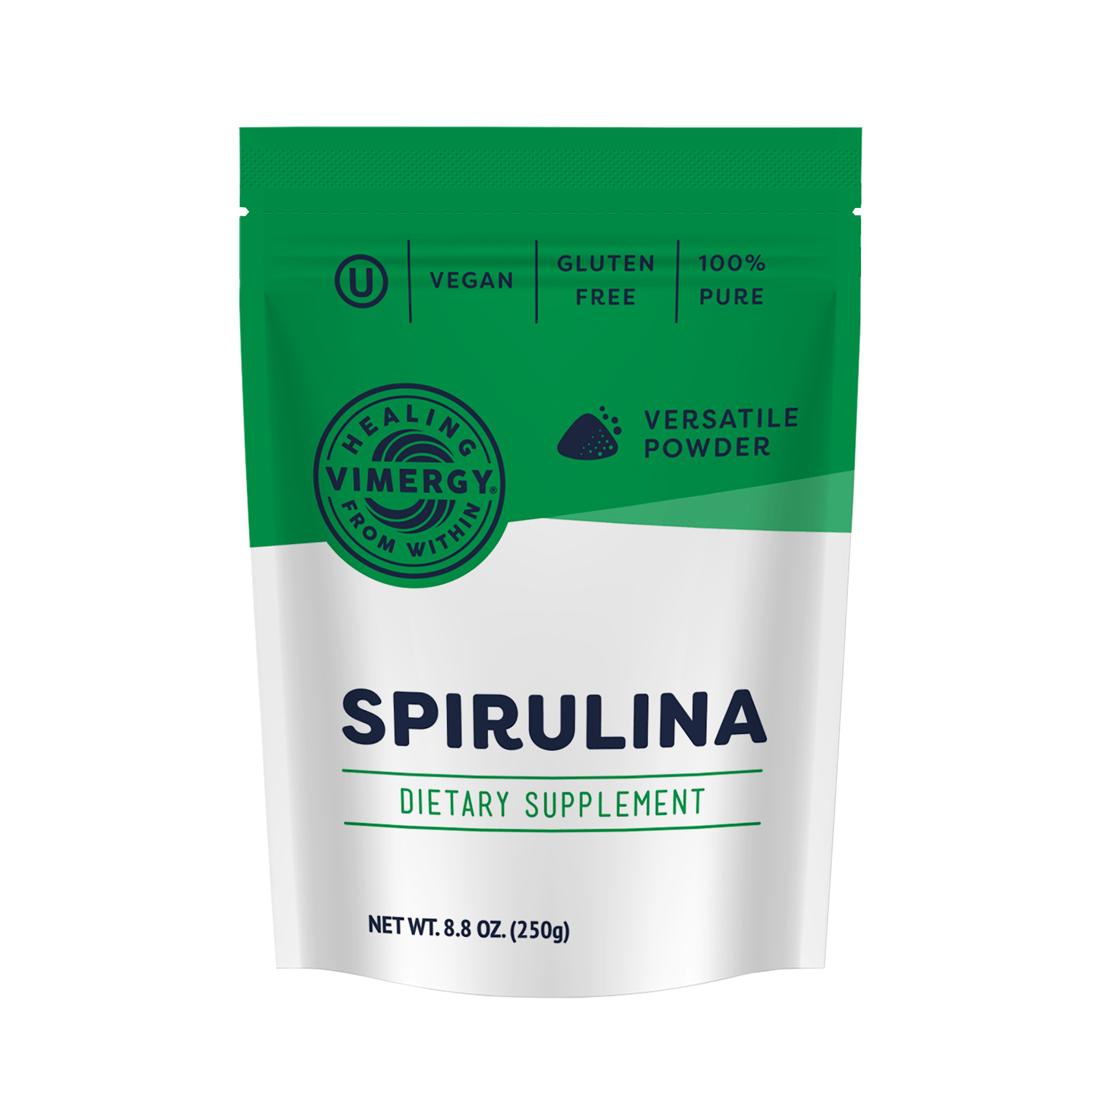 flower-of-life-vimergy-spirulina-pack-250g-front